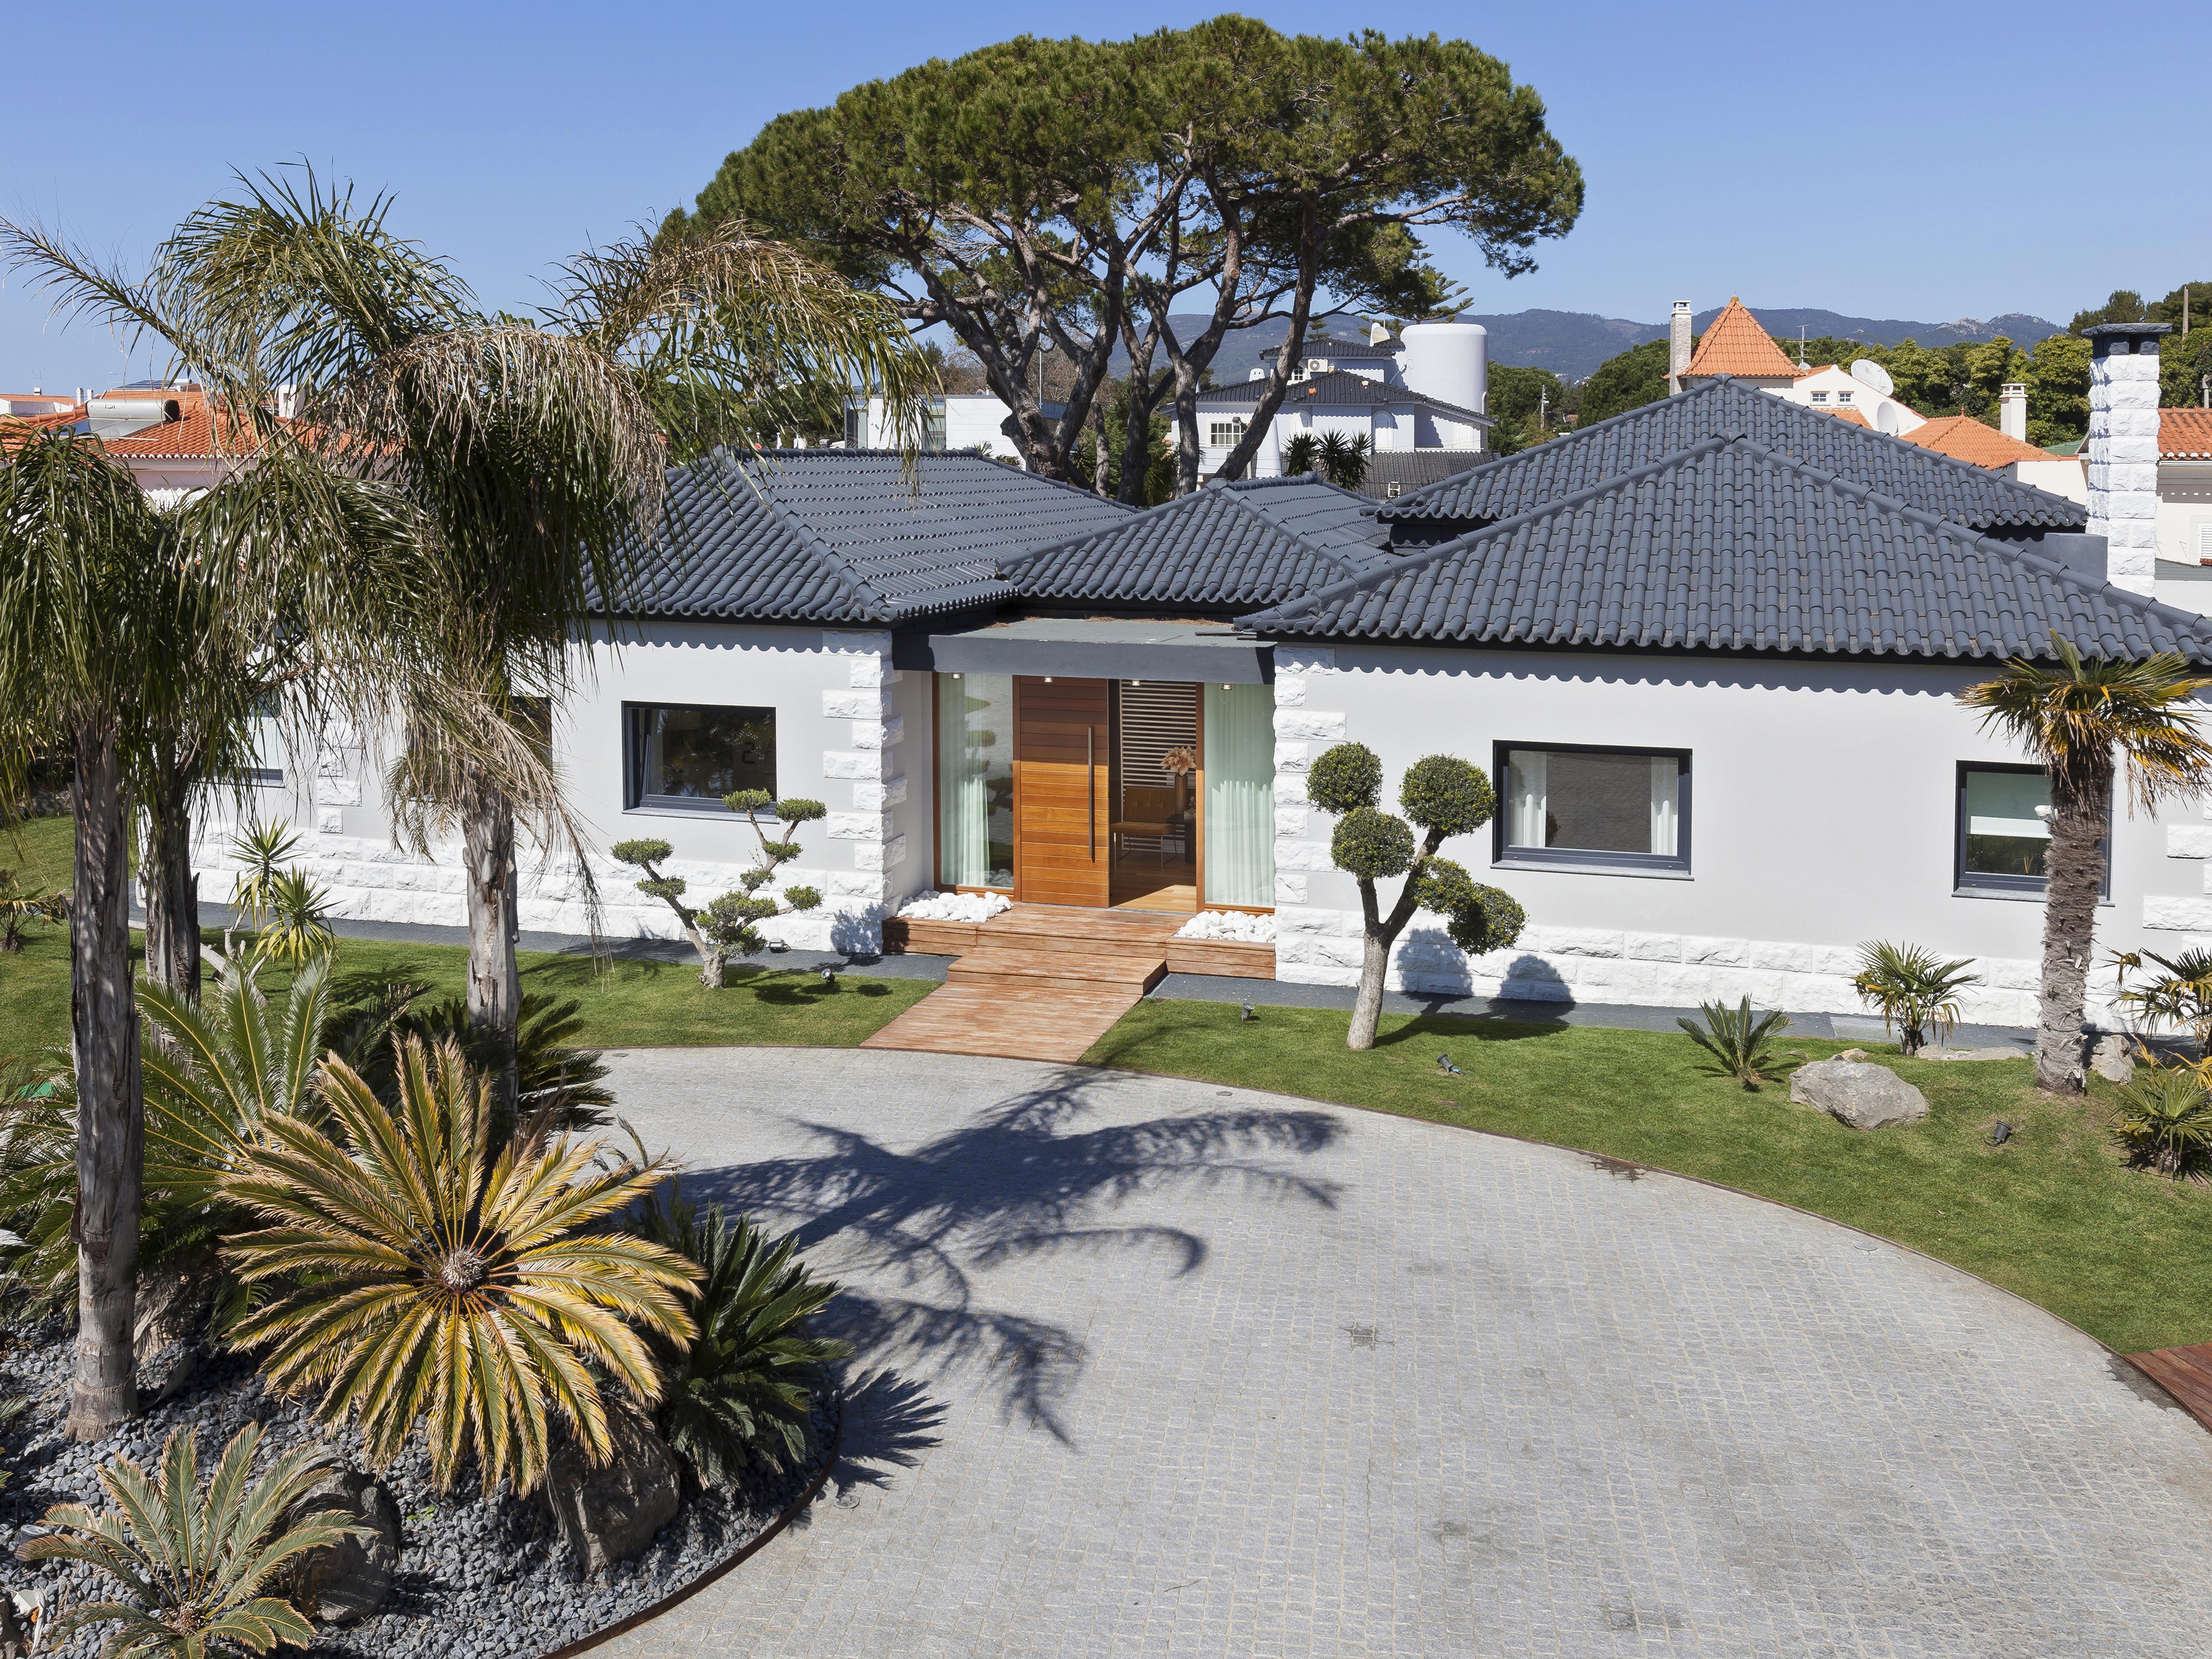 단독 가정 주택 용 매매 에 House, 5 bedrooms, for Sale Cascais, 리스보아, - 포르투갈